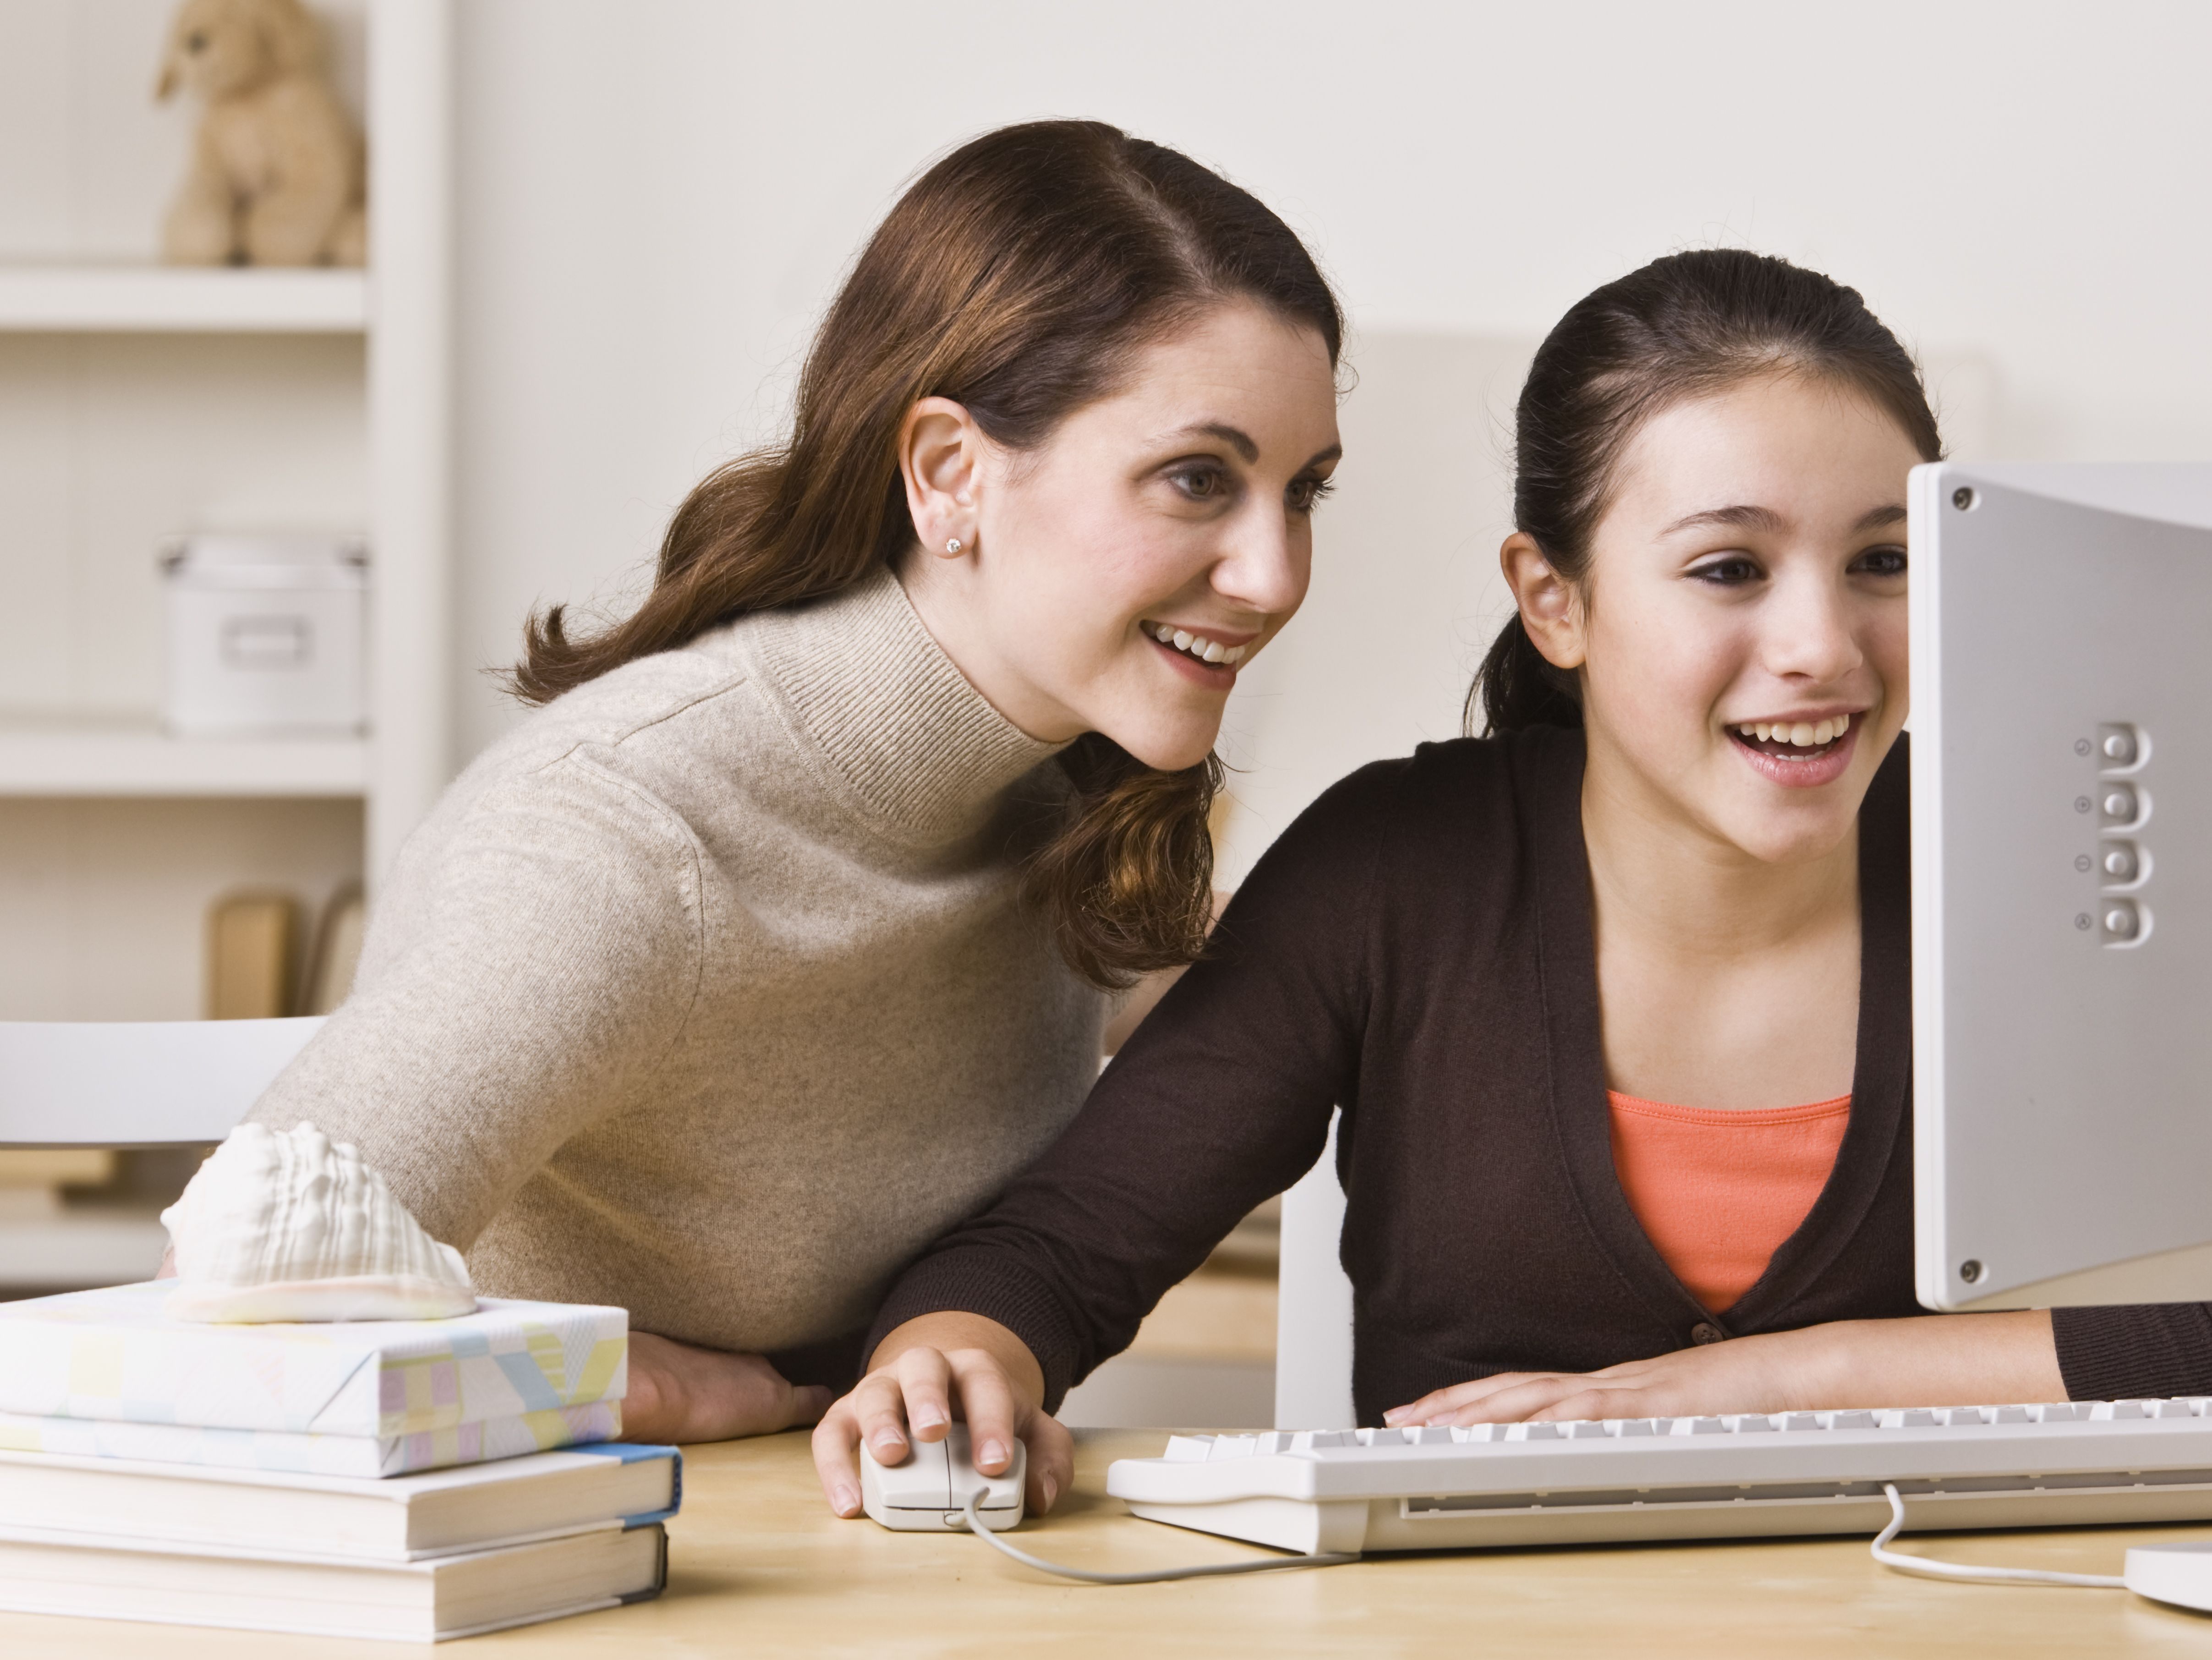 Ce dificultăți de învățare au elevii de gimnaziu la Limba Română și Matematică?